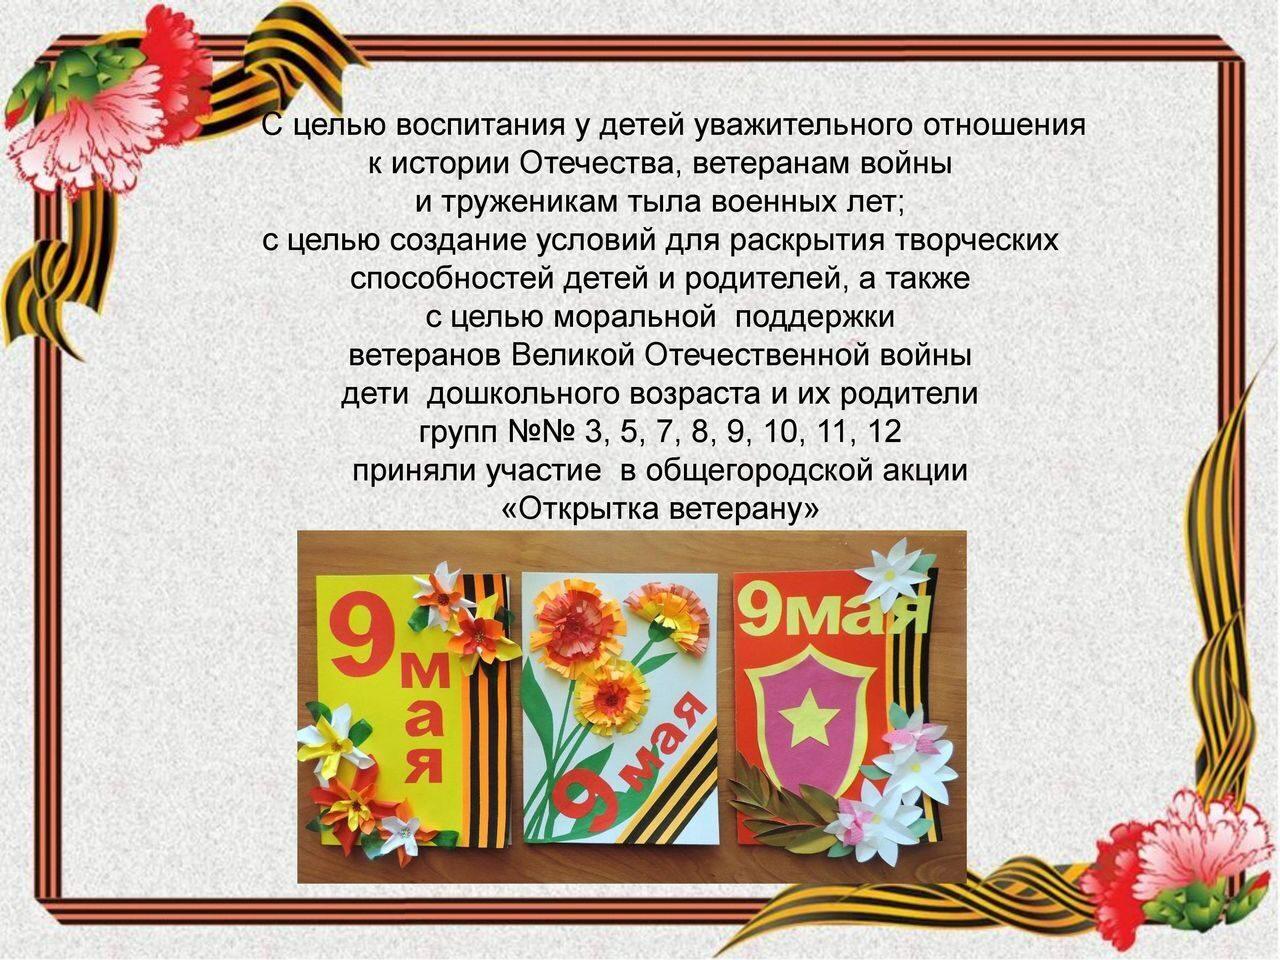 Официальное 69